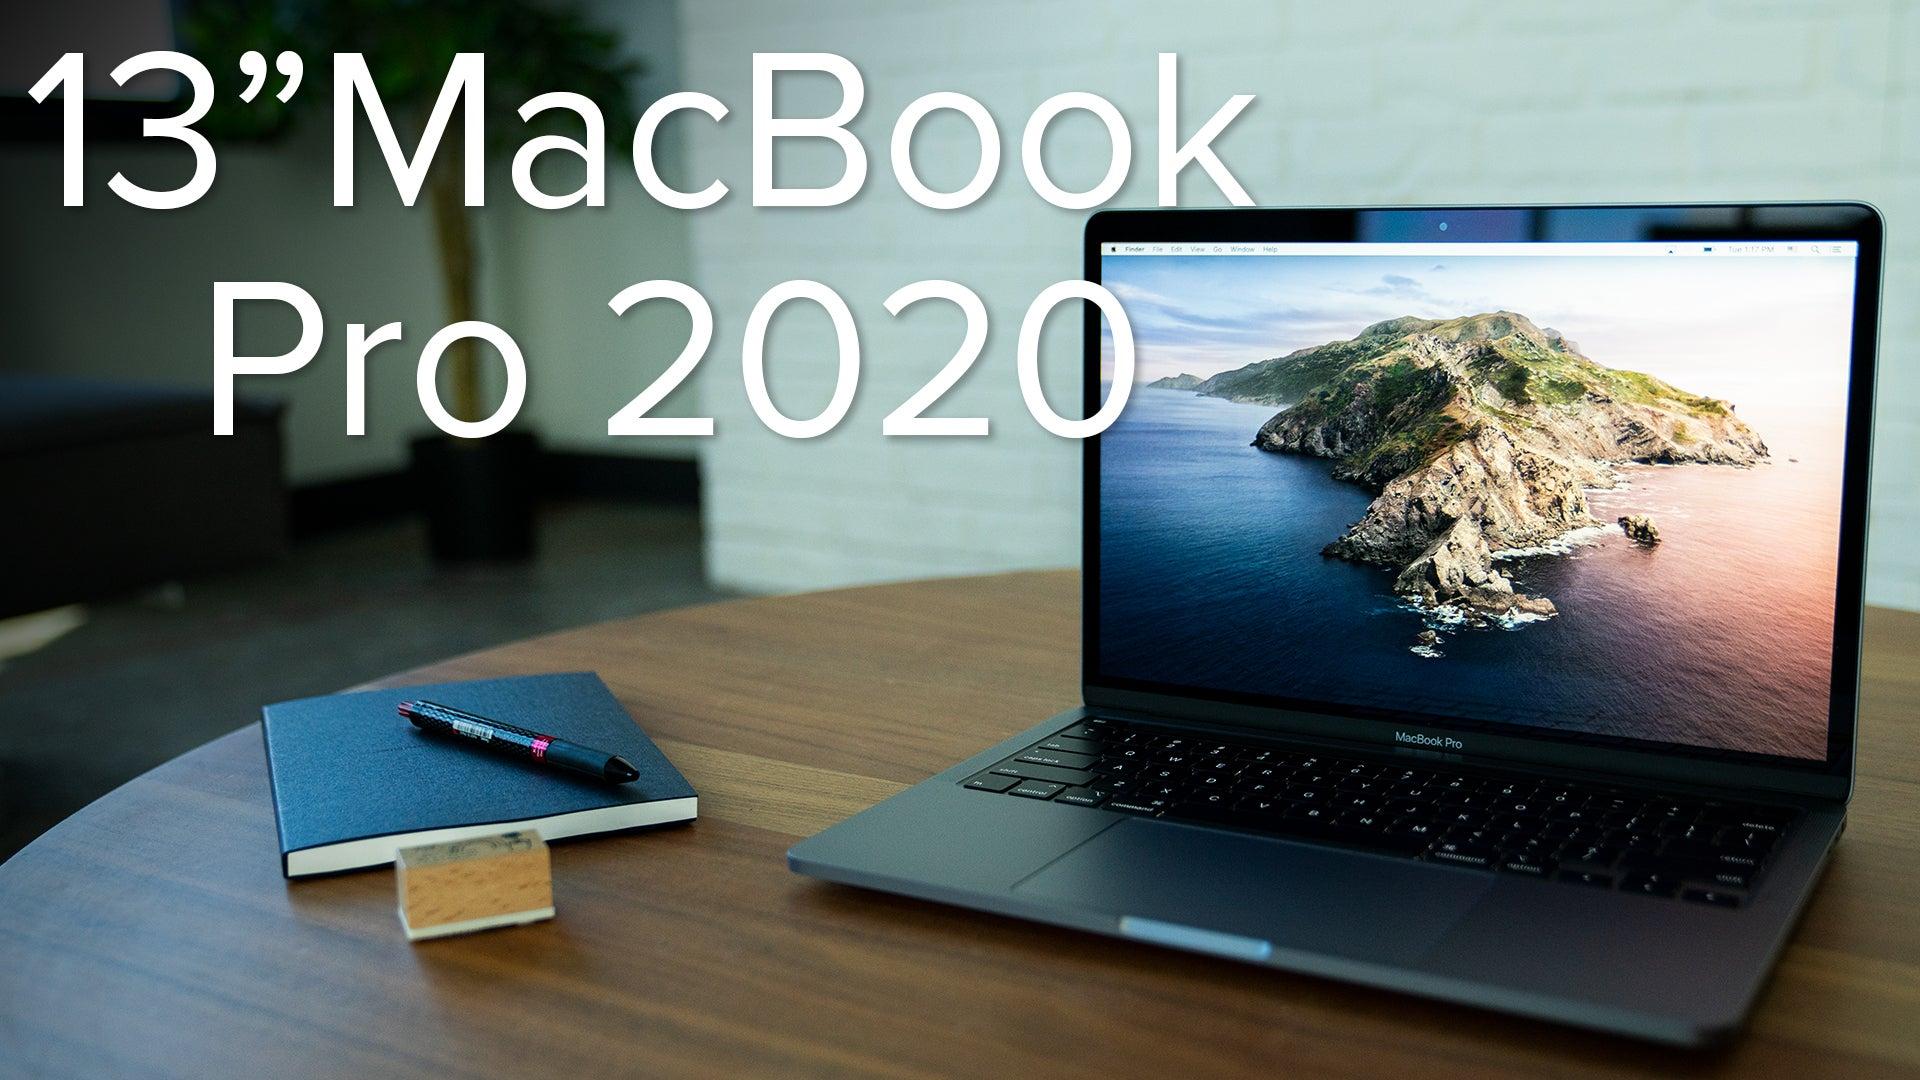 mub20 011 13 inchmacbook pro2020